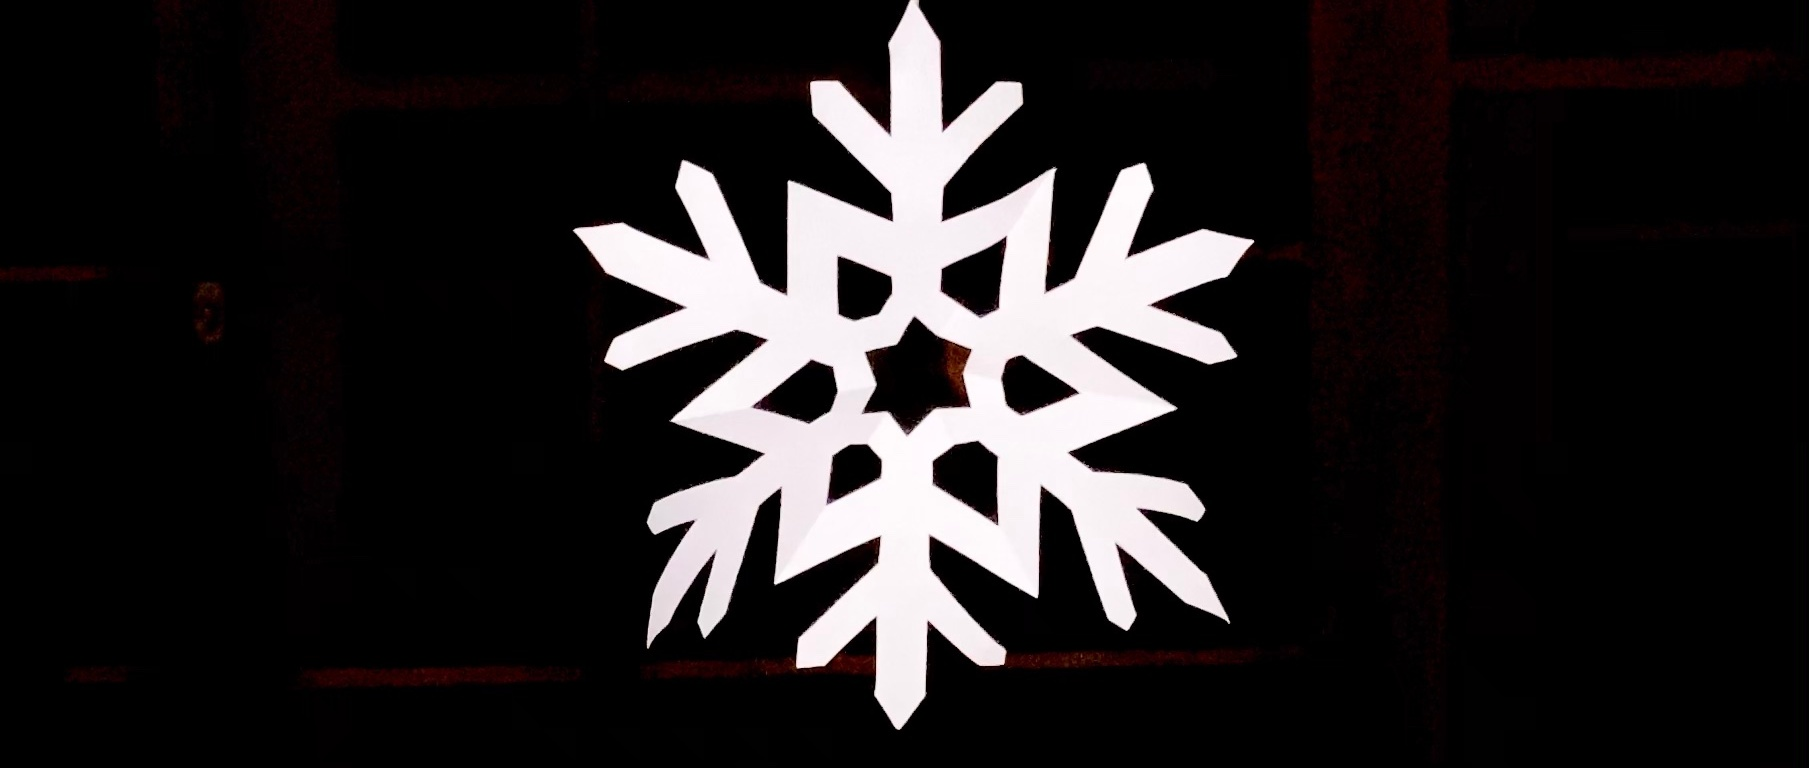 雪の結晶クリスマス工作